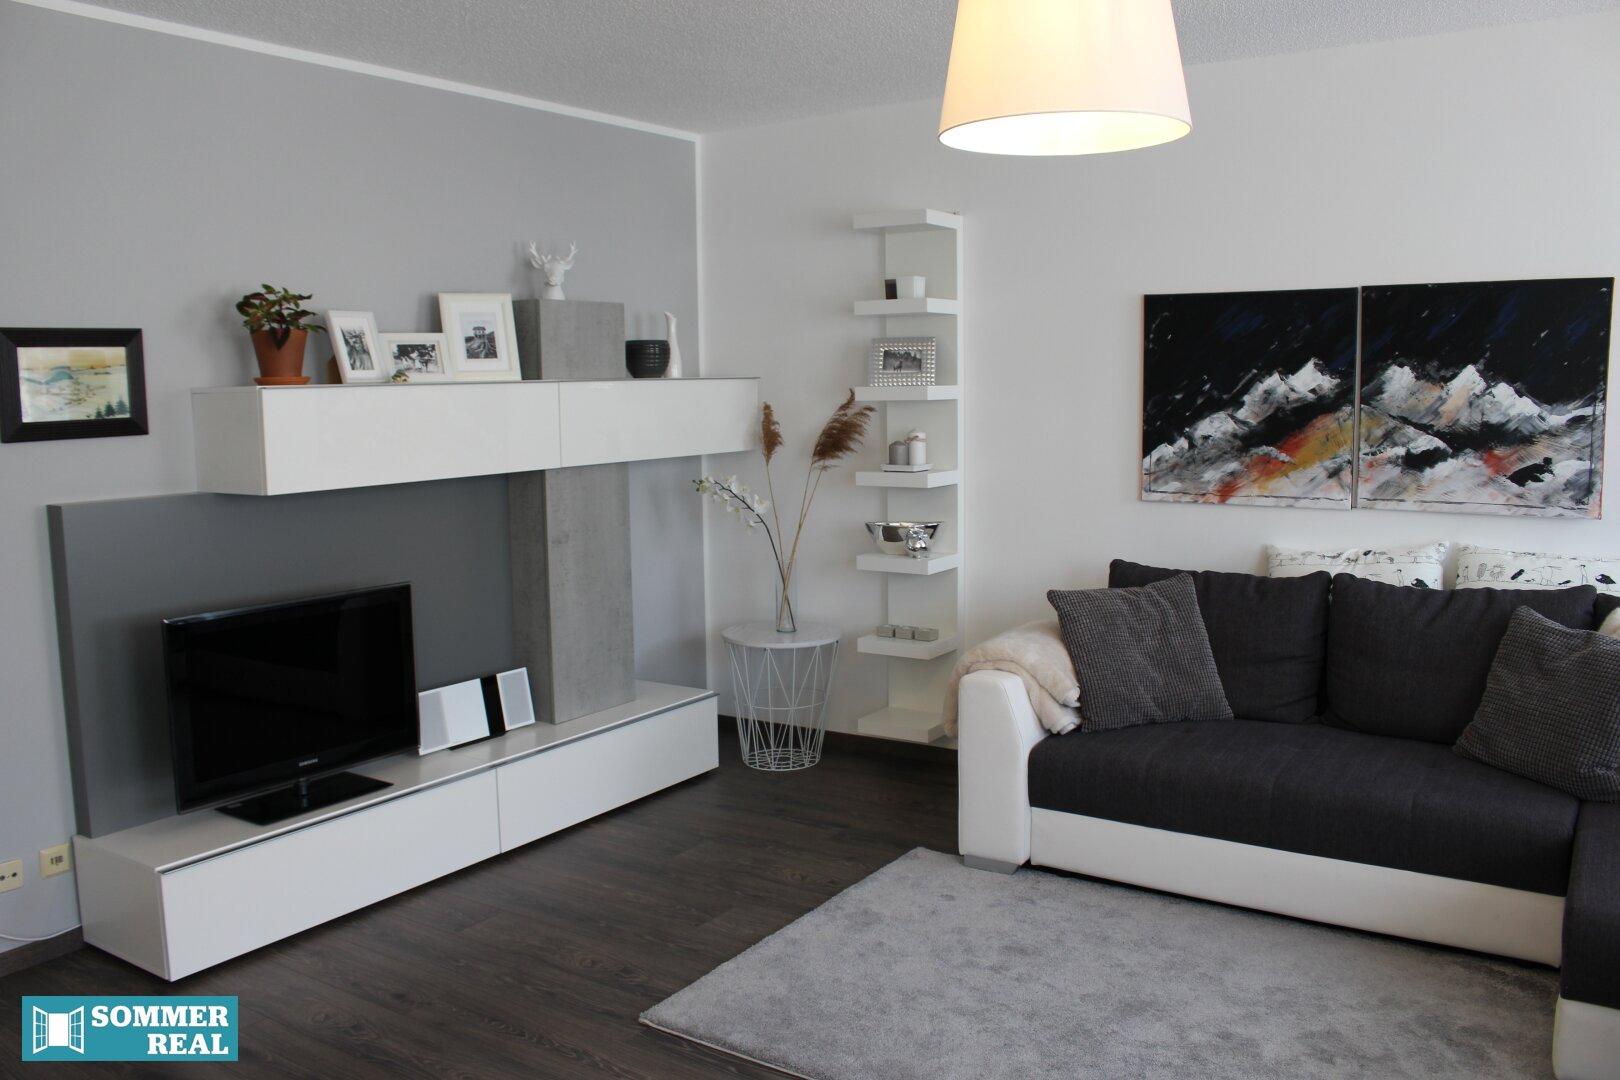 Wohnzimmer mit Blick auf das Sideboard